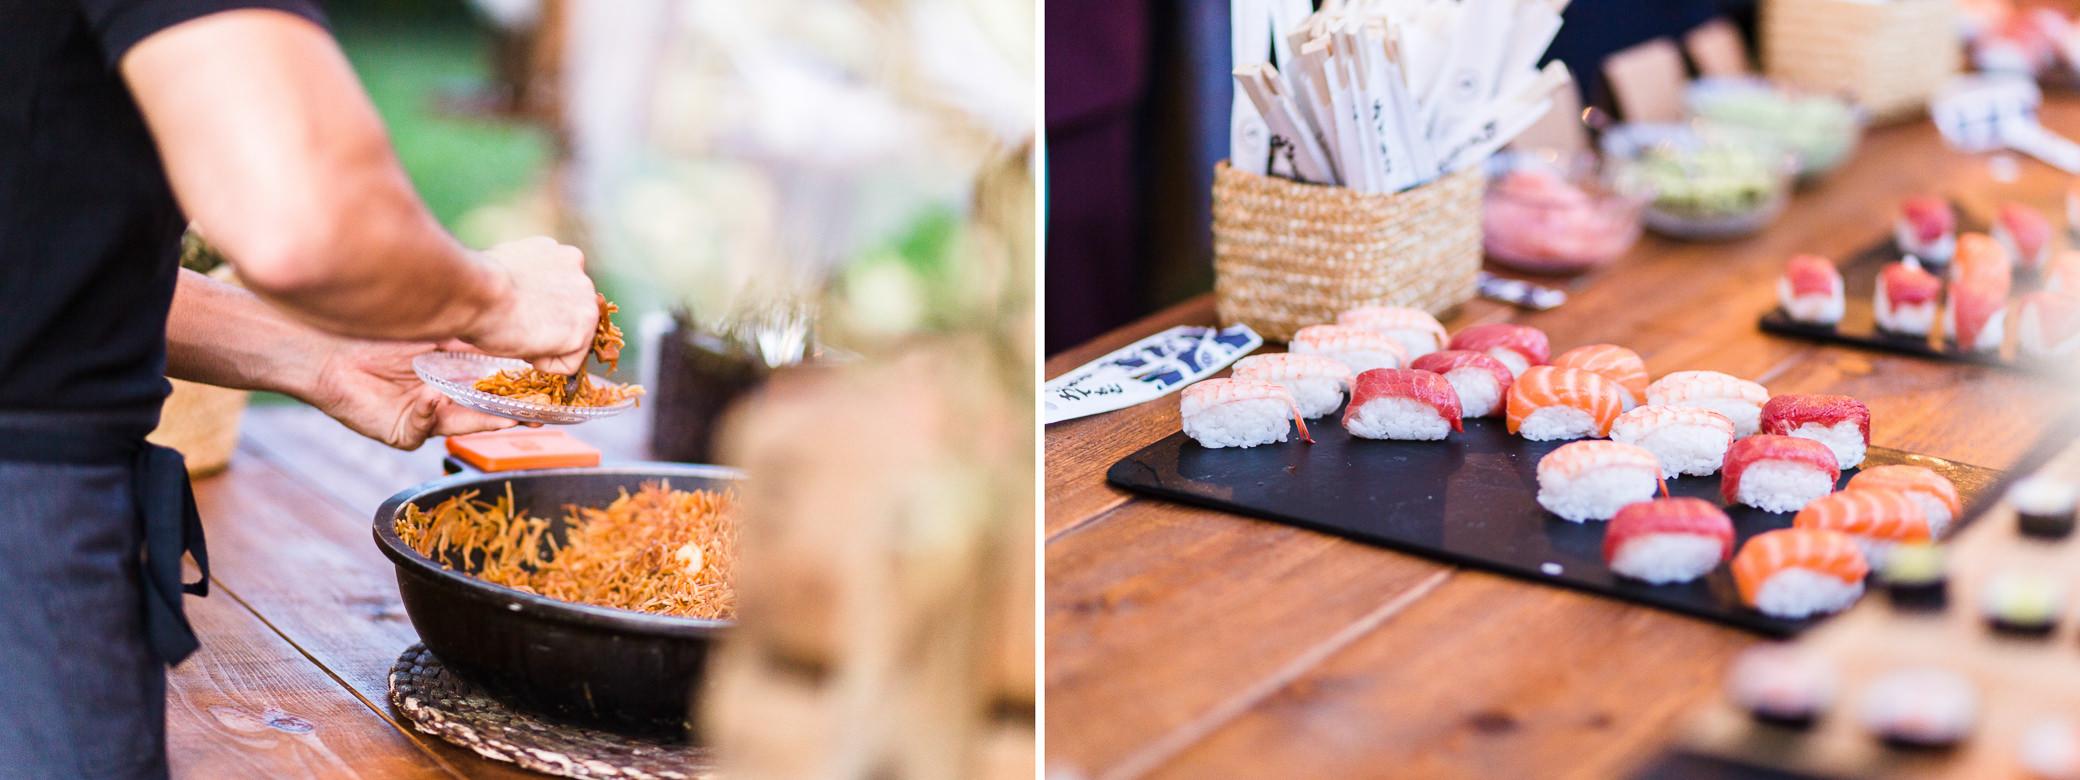 boda-espai-gastronomia-can-macia-photografeel-13-2.jpg